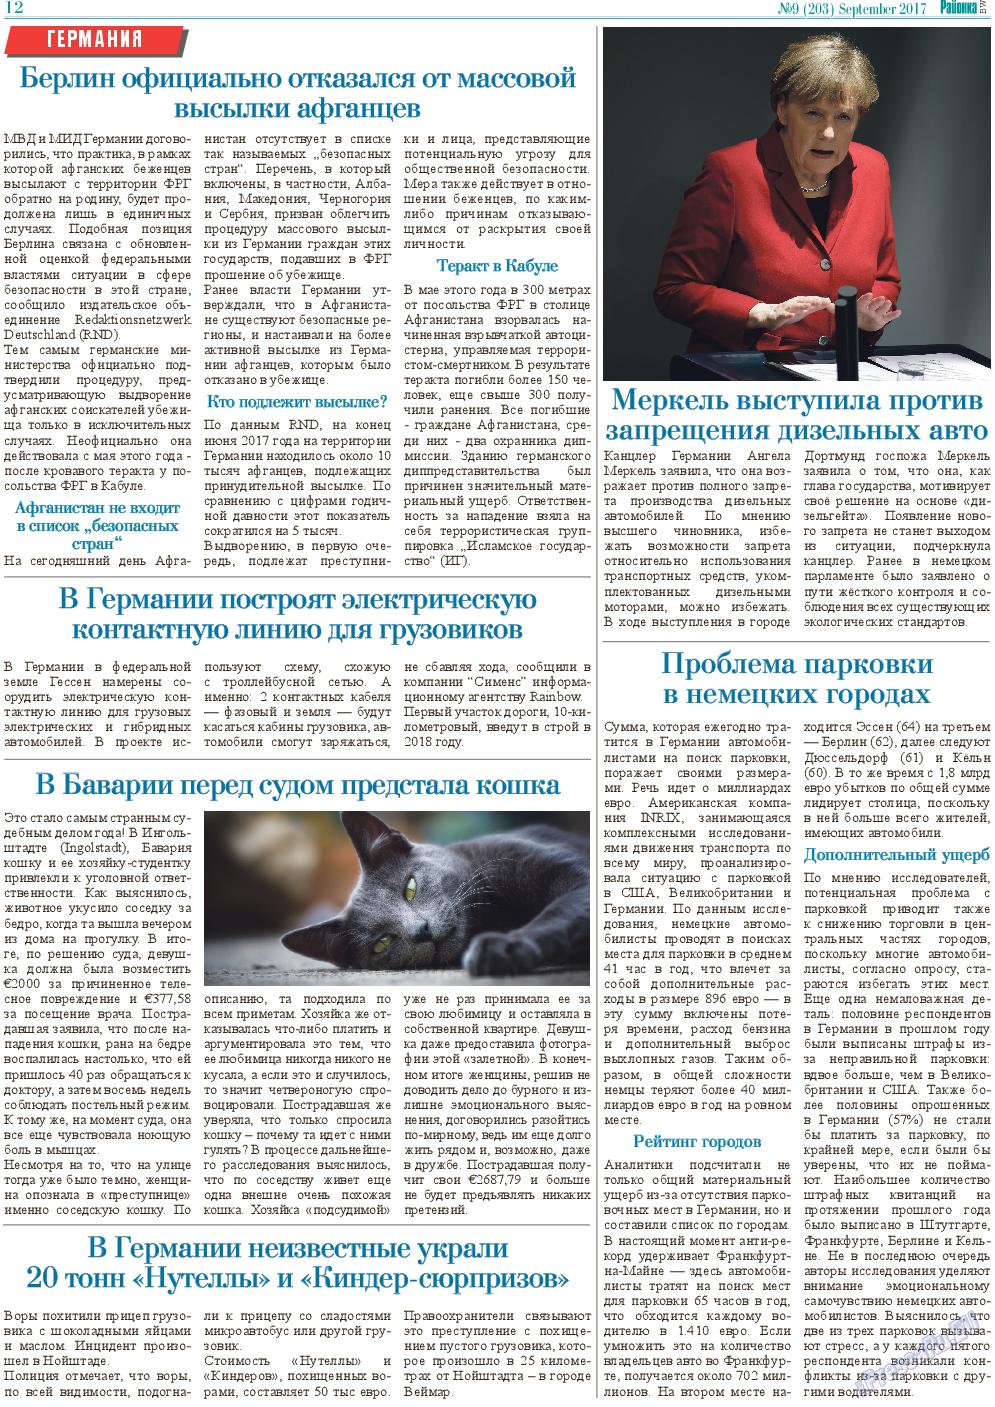 Районка-West (газета). 2017 год, номер 9, стр. 12